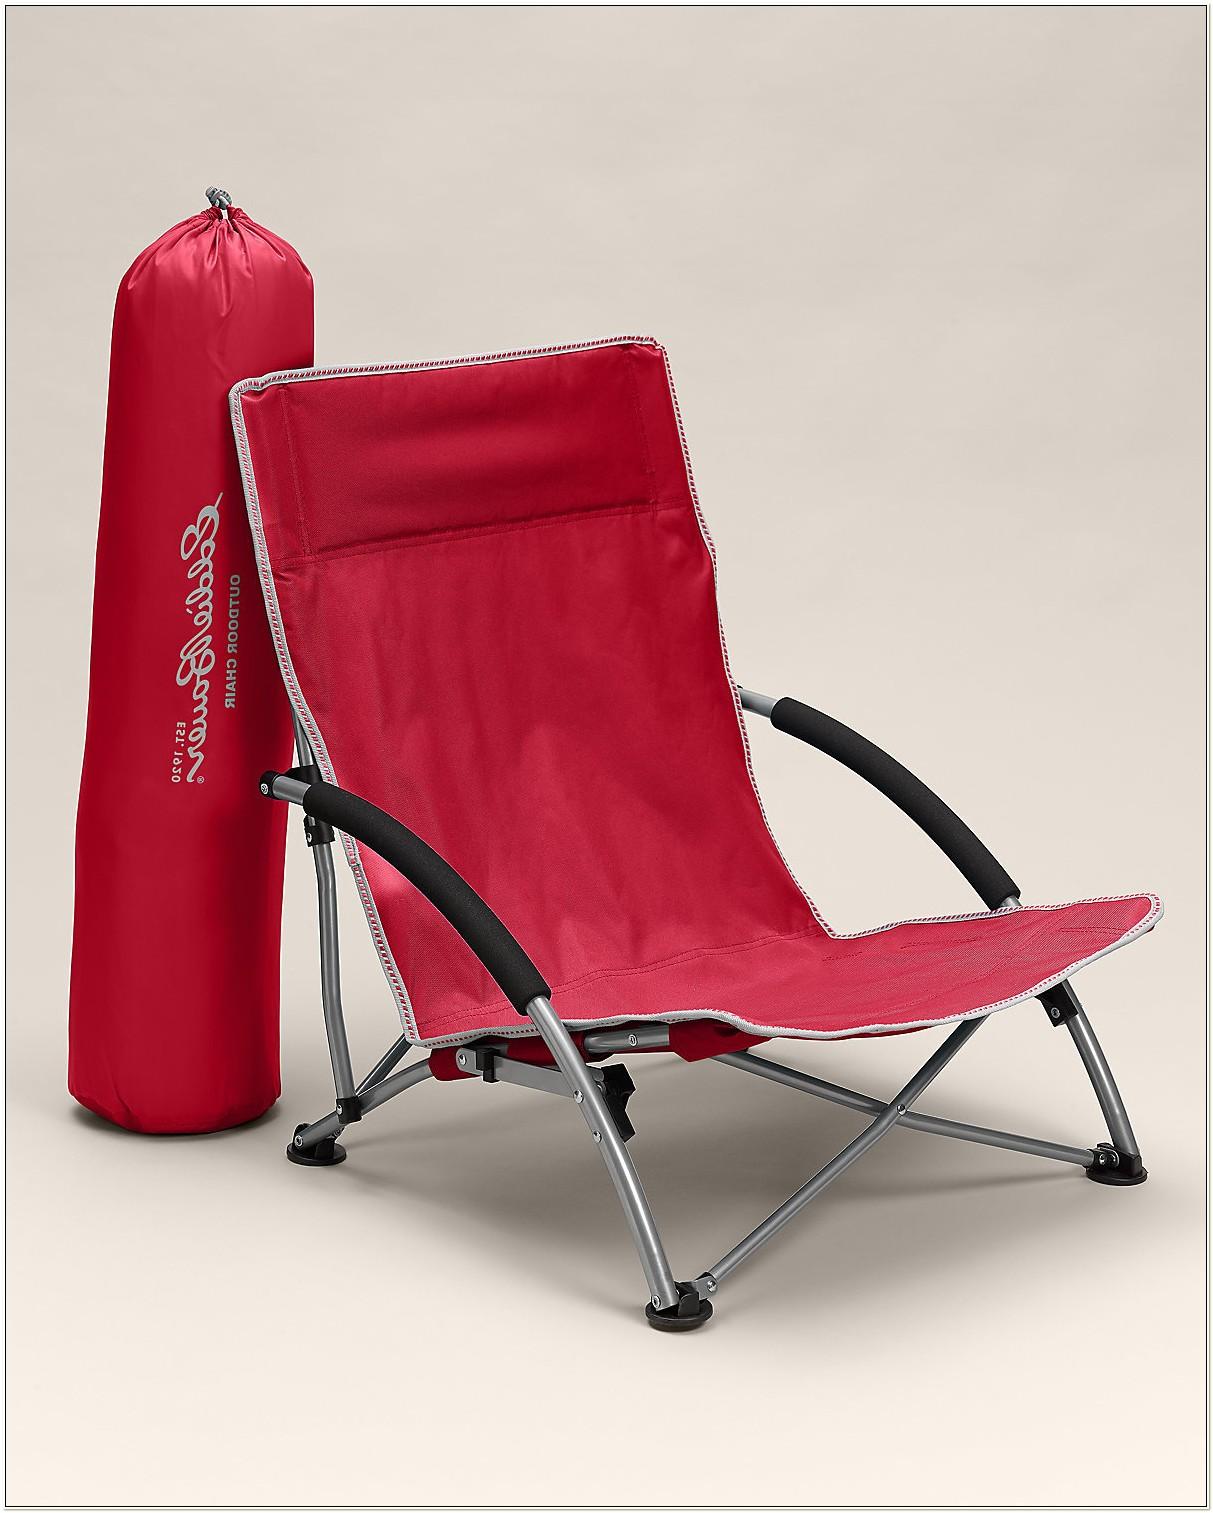 Eddie Bauer Folding Camp Chairs